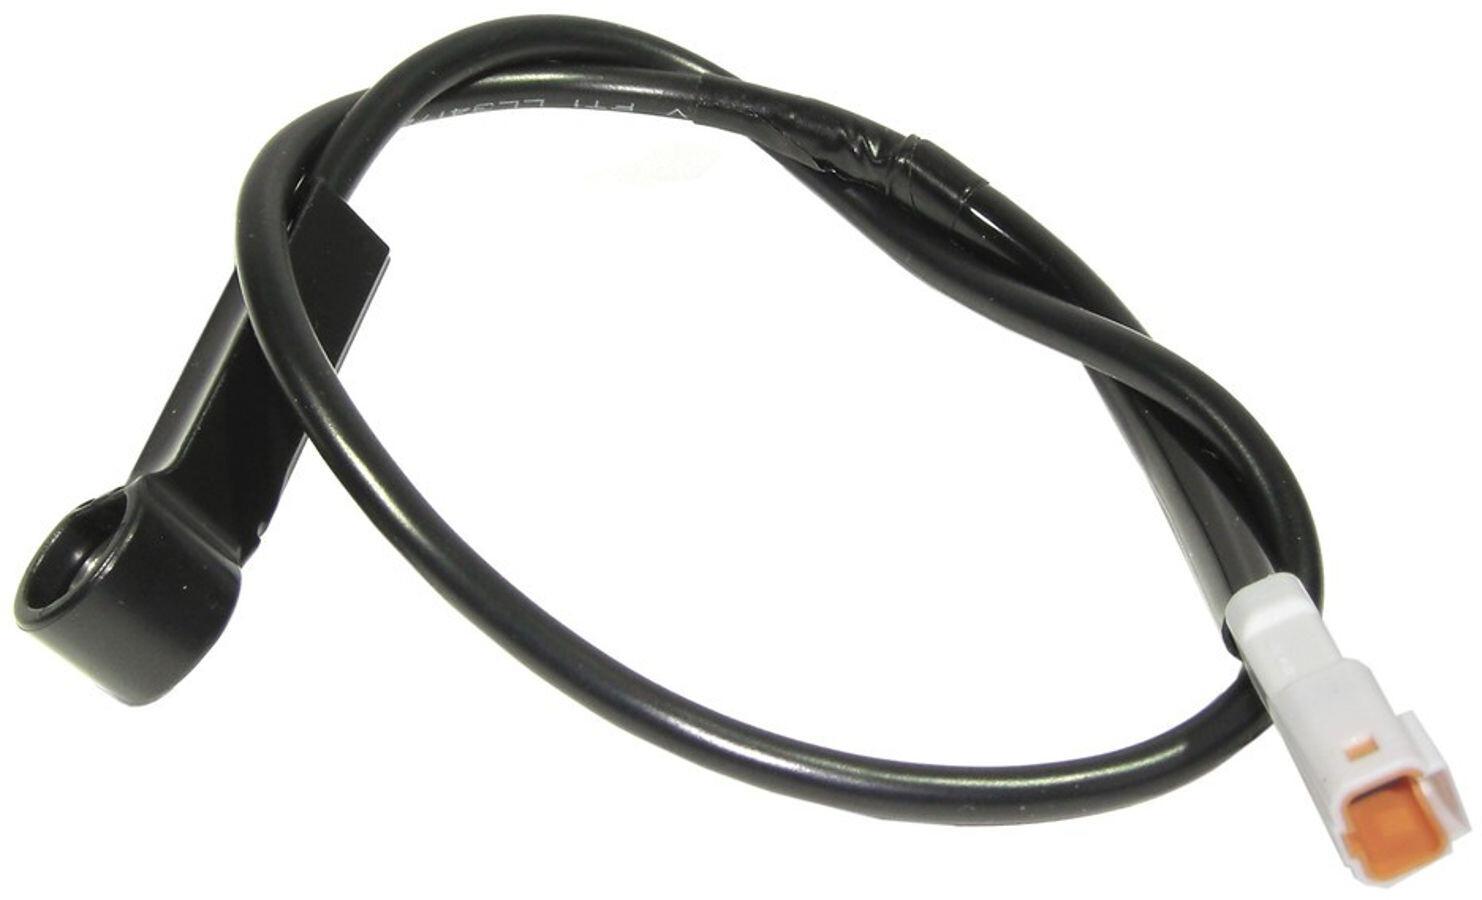 Yamaha 'Speed Sendor Kabel' til X942 & X943 | Computere > Tilbehør